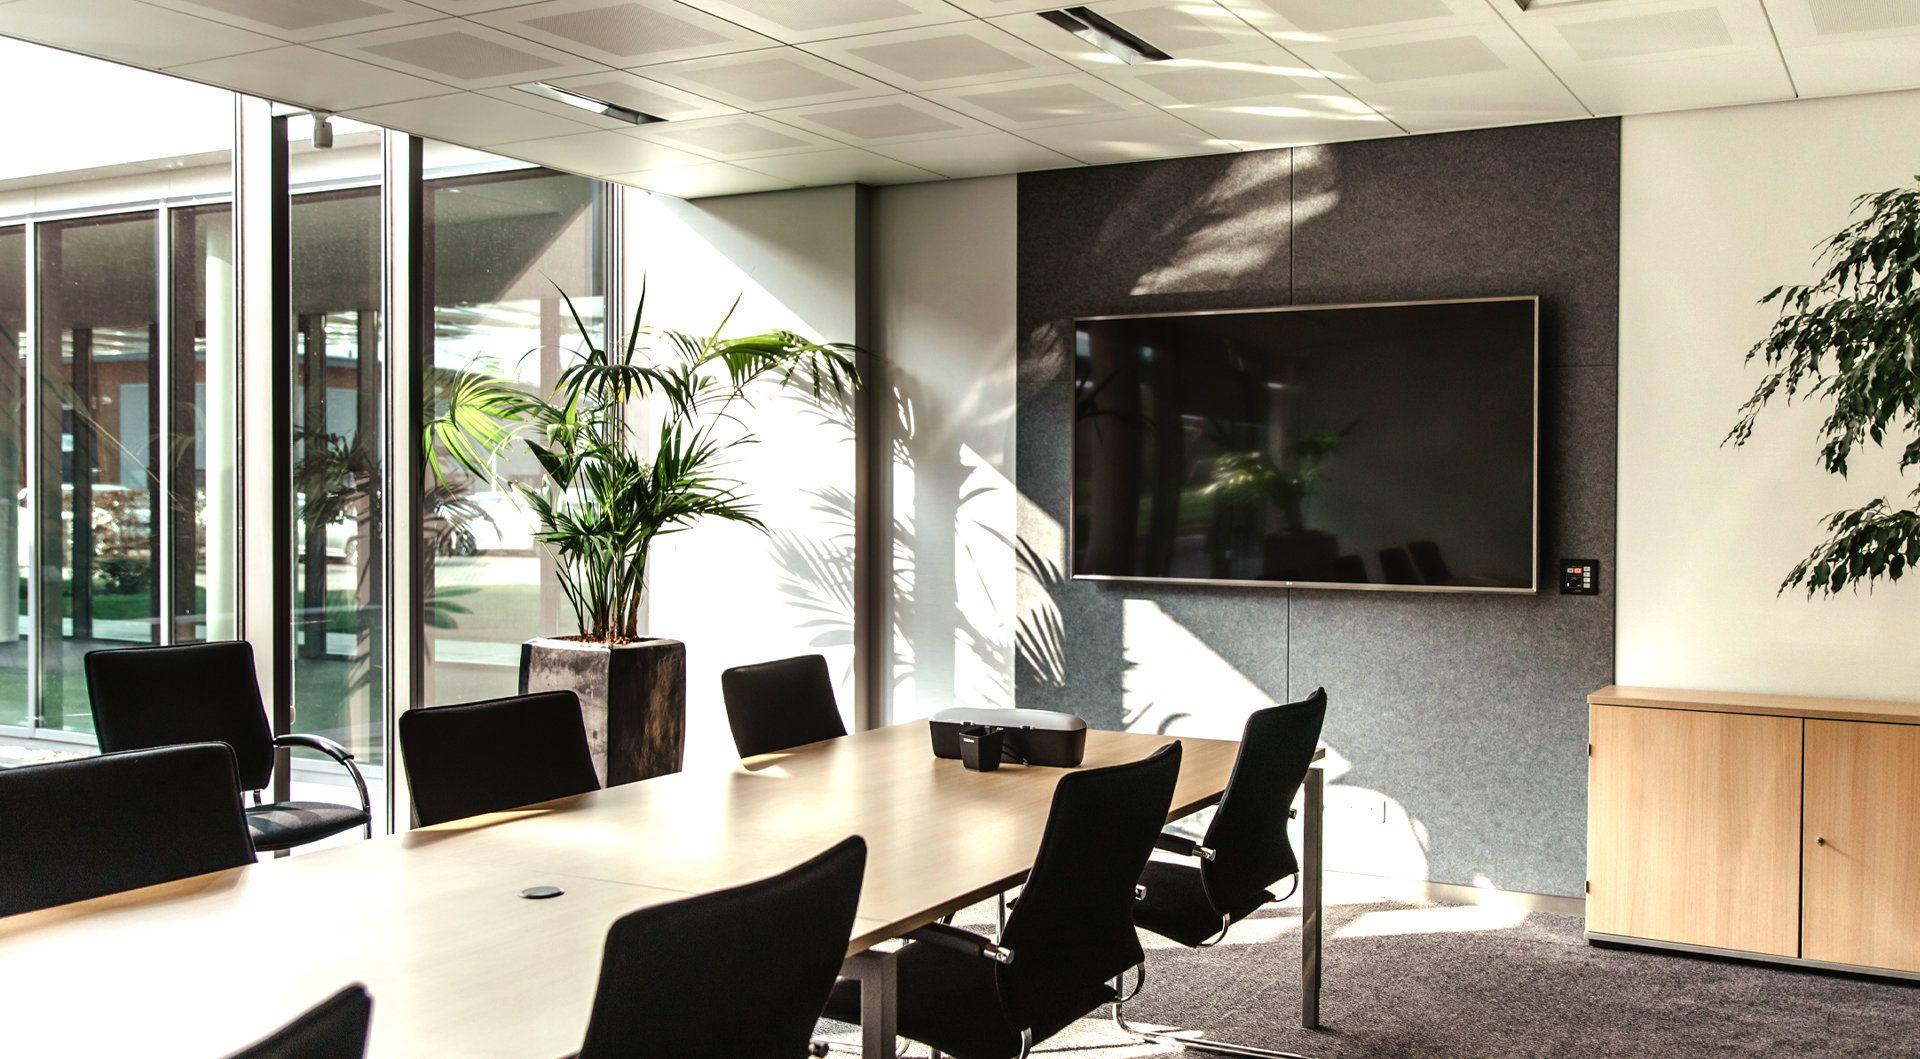 """Conen Mounts SCETAP flat panel vloer standaard 2,54 m (100"""") Vaste flatscreen vloerstandaard Aluminium, Zwart - Case studie de vries"""